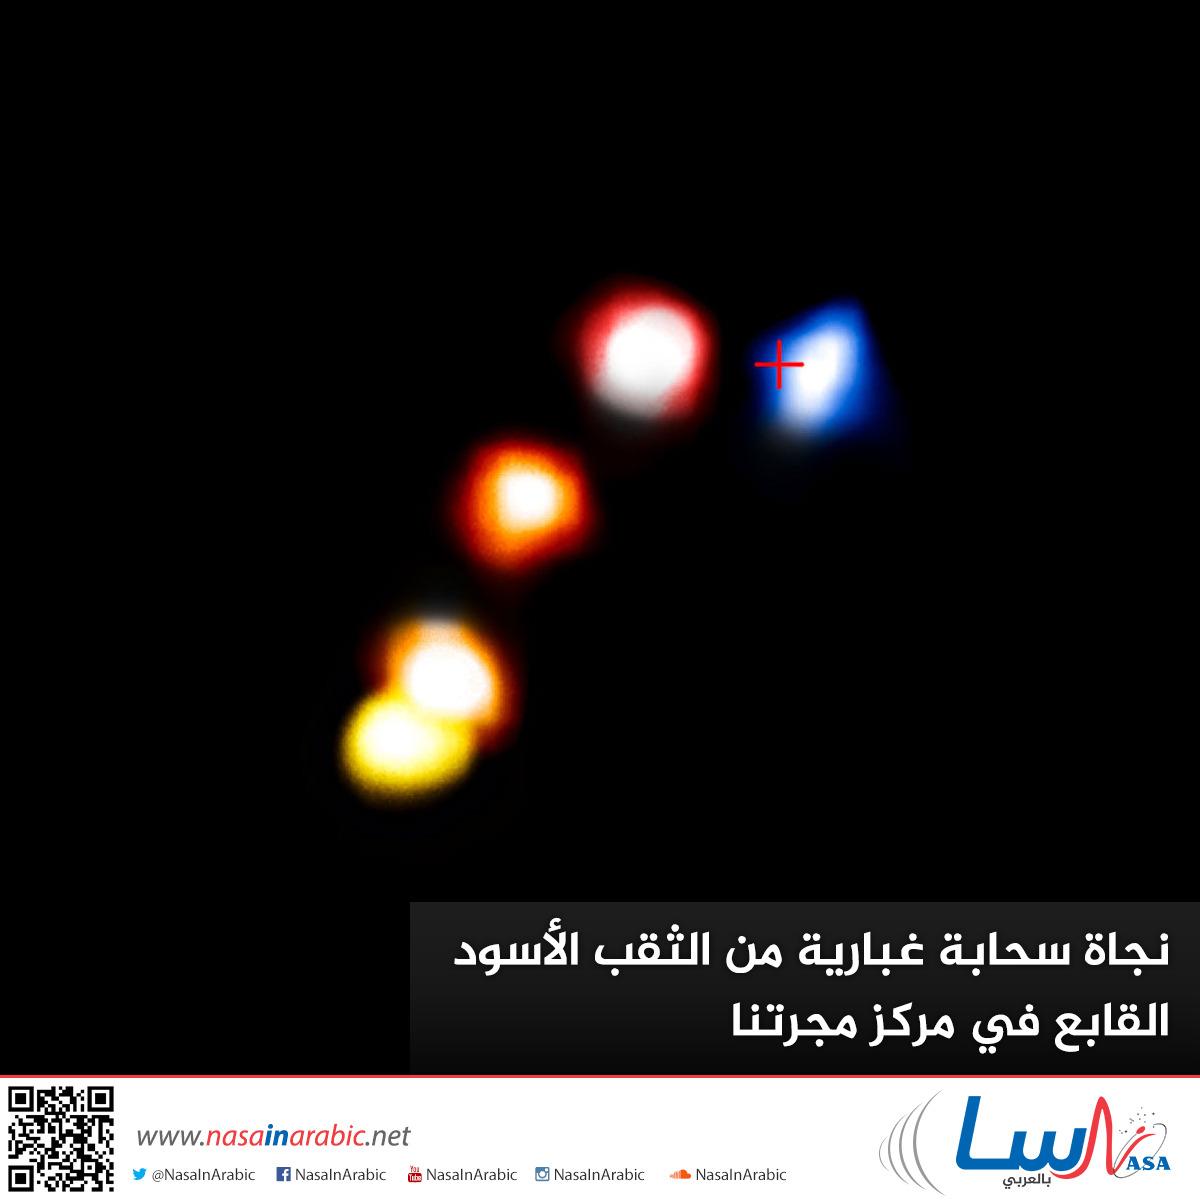 نجاة سحابة غبارية من الثقب الأسود القابع في مركز مجرتنا